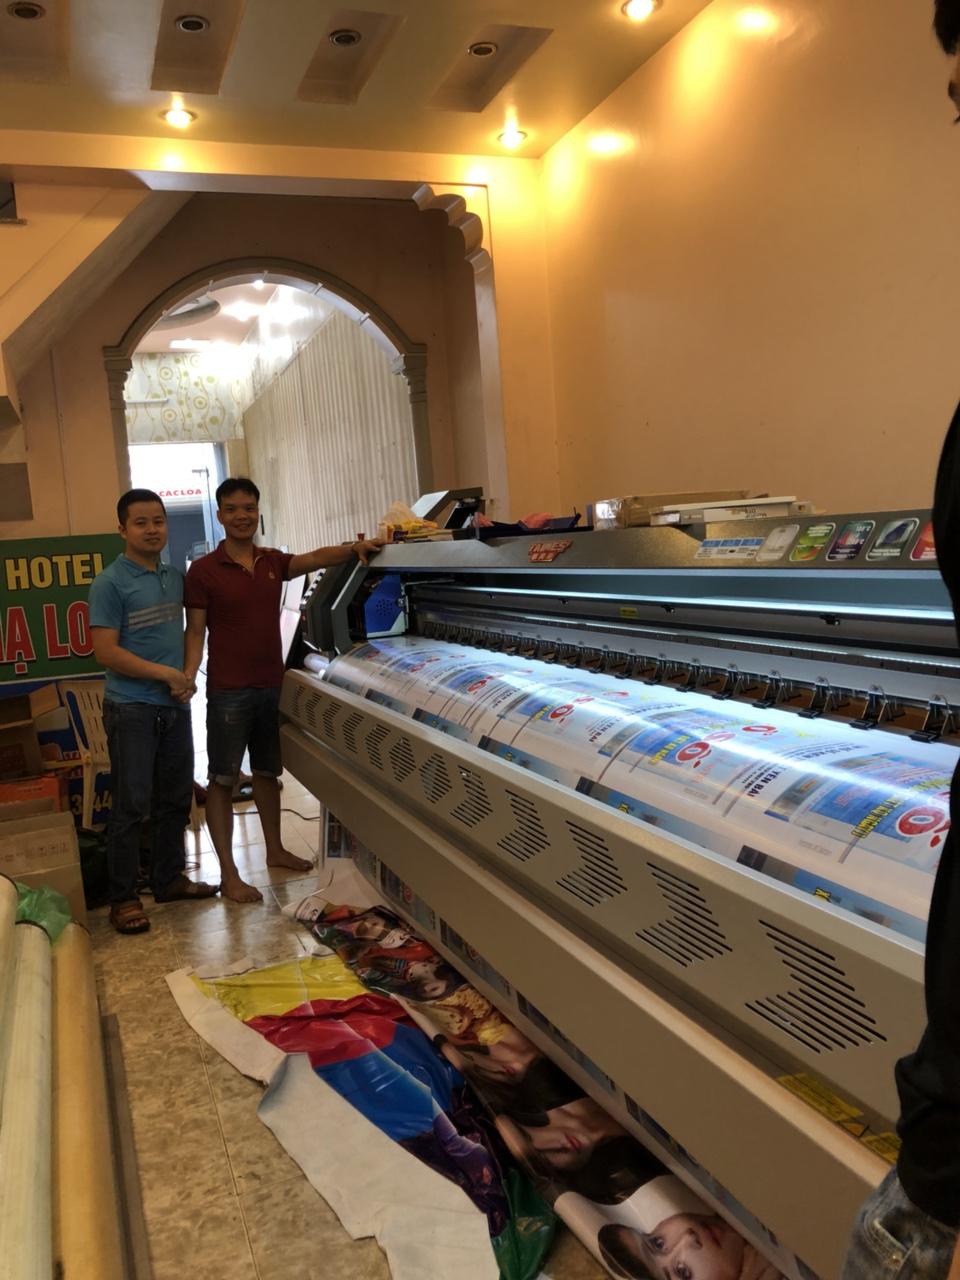 Lắp đặt và bàn giao công nghệ máy in bạt khổ lớn 3m2 cho quảng cáo Kỳ Anh tại Yên Ninh - TP Yên Bái - Yên Bái